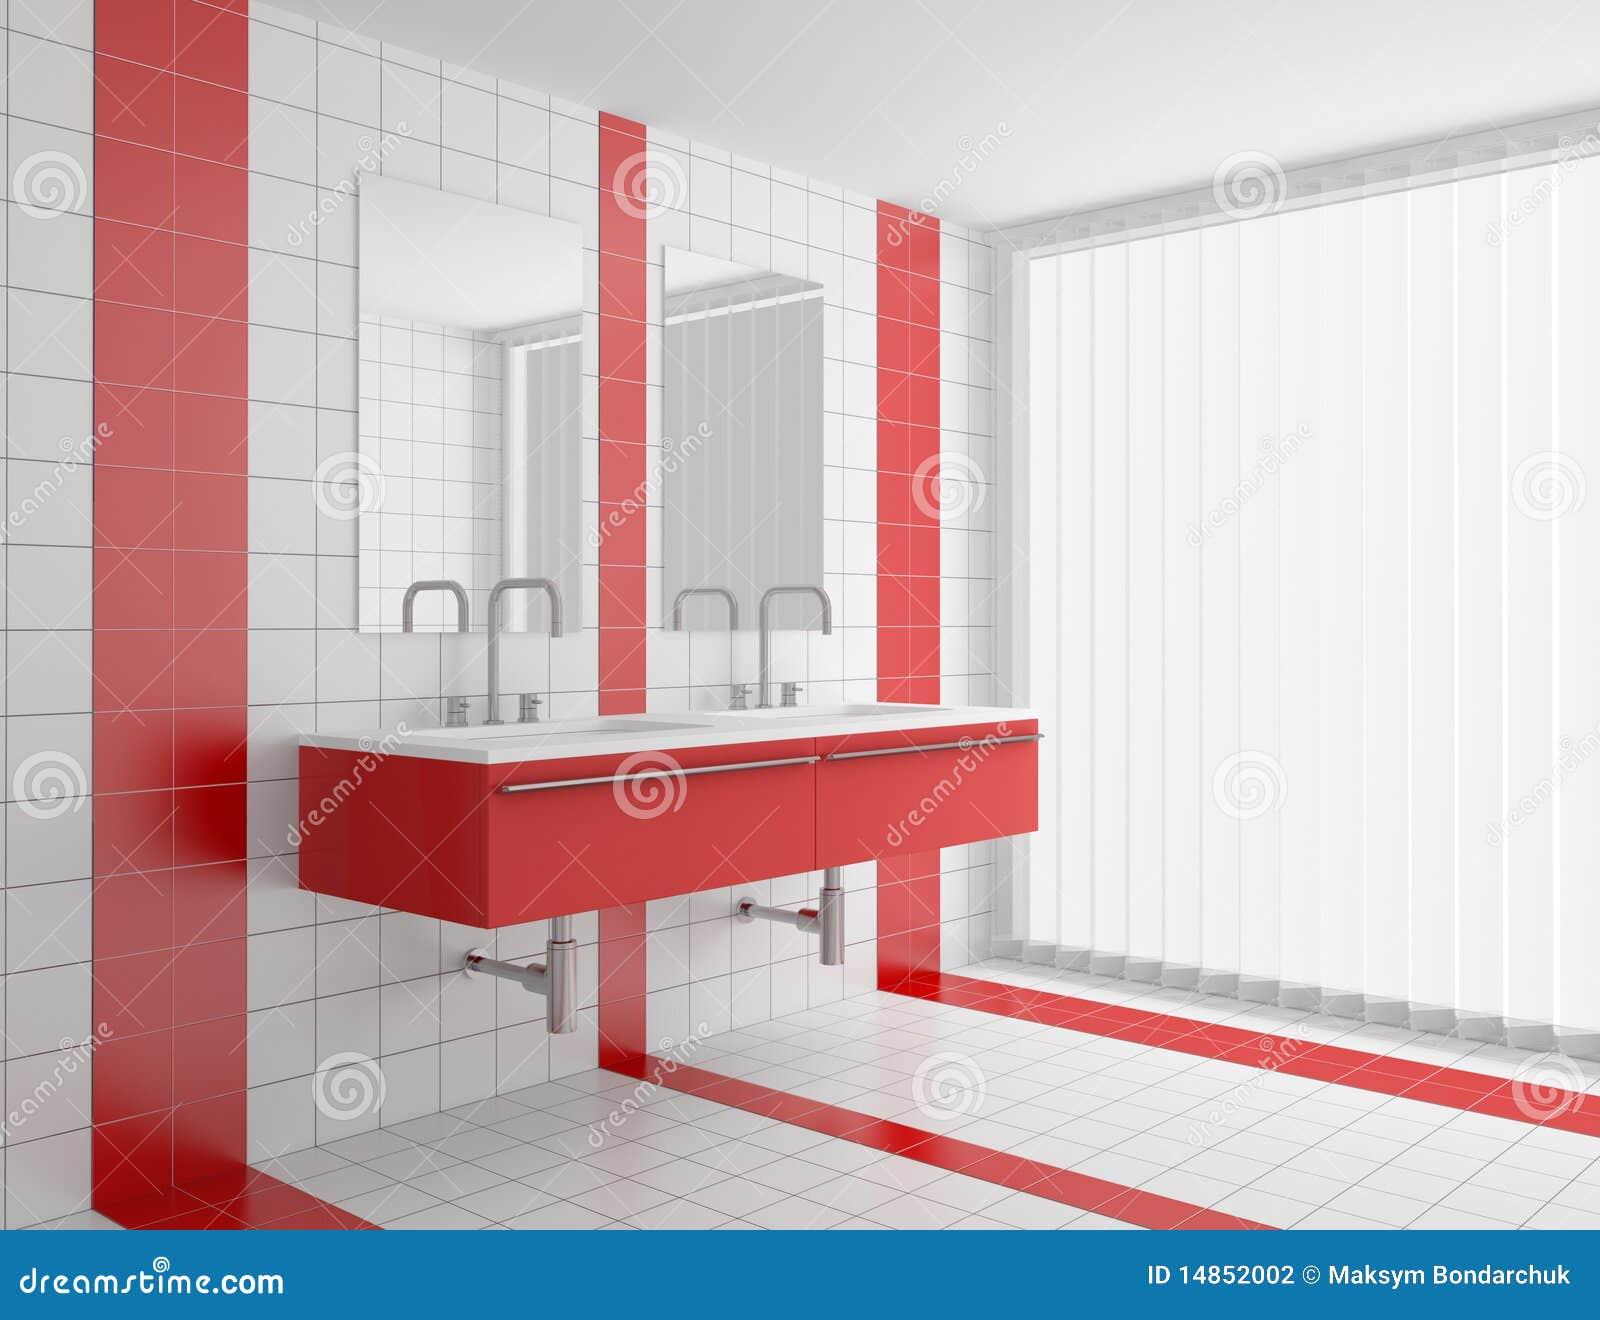 Modernes Badezimmer Mit Den Roten Und Weißen Fliesen Stock ...